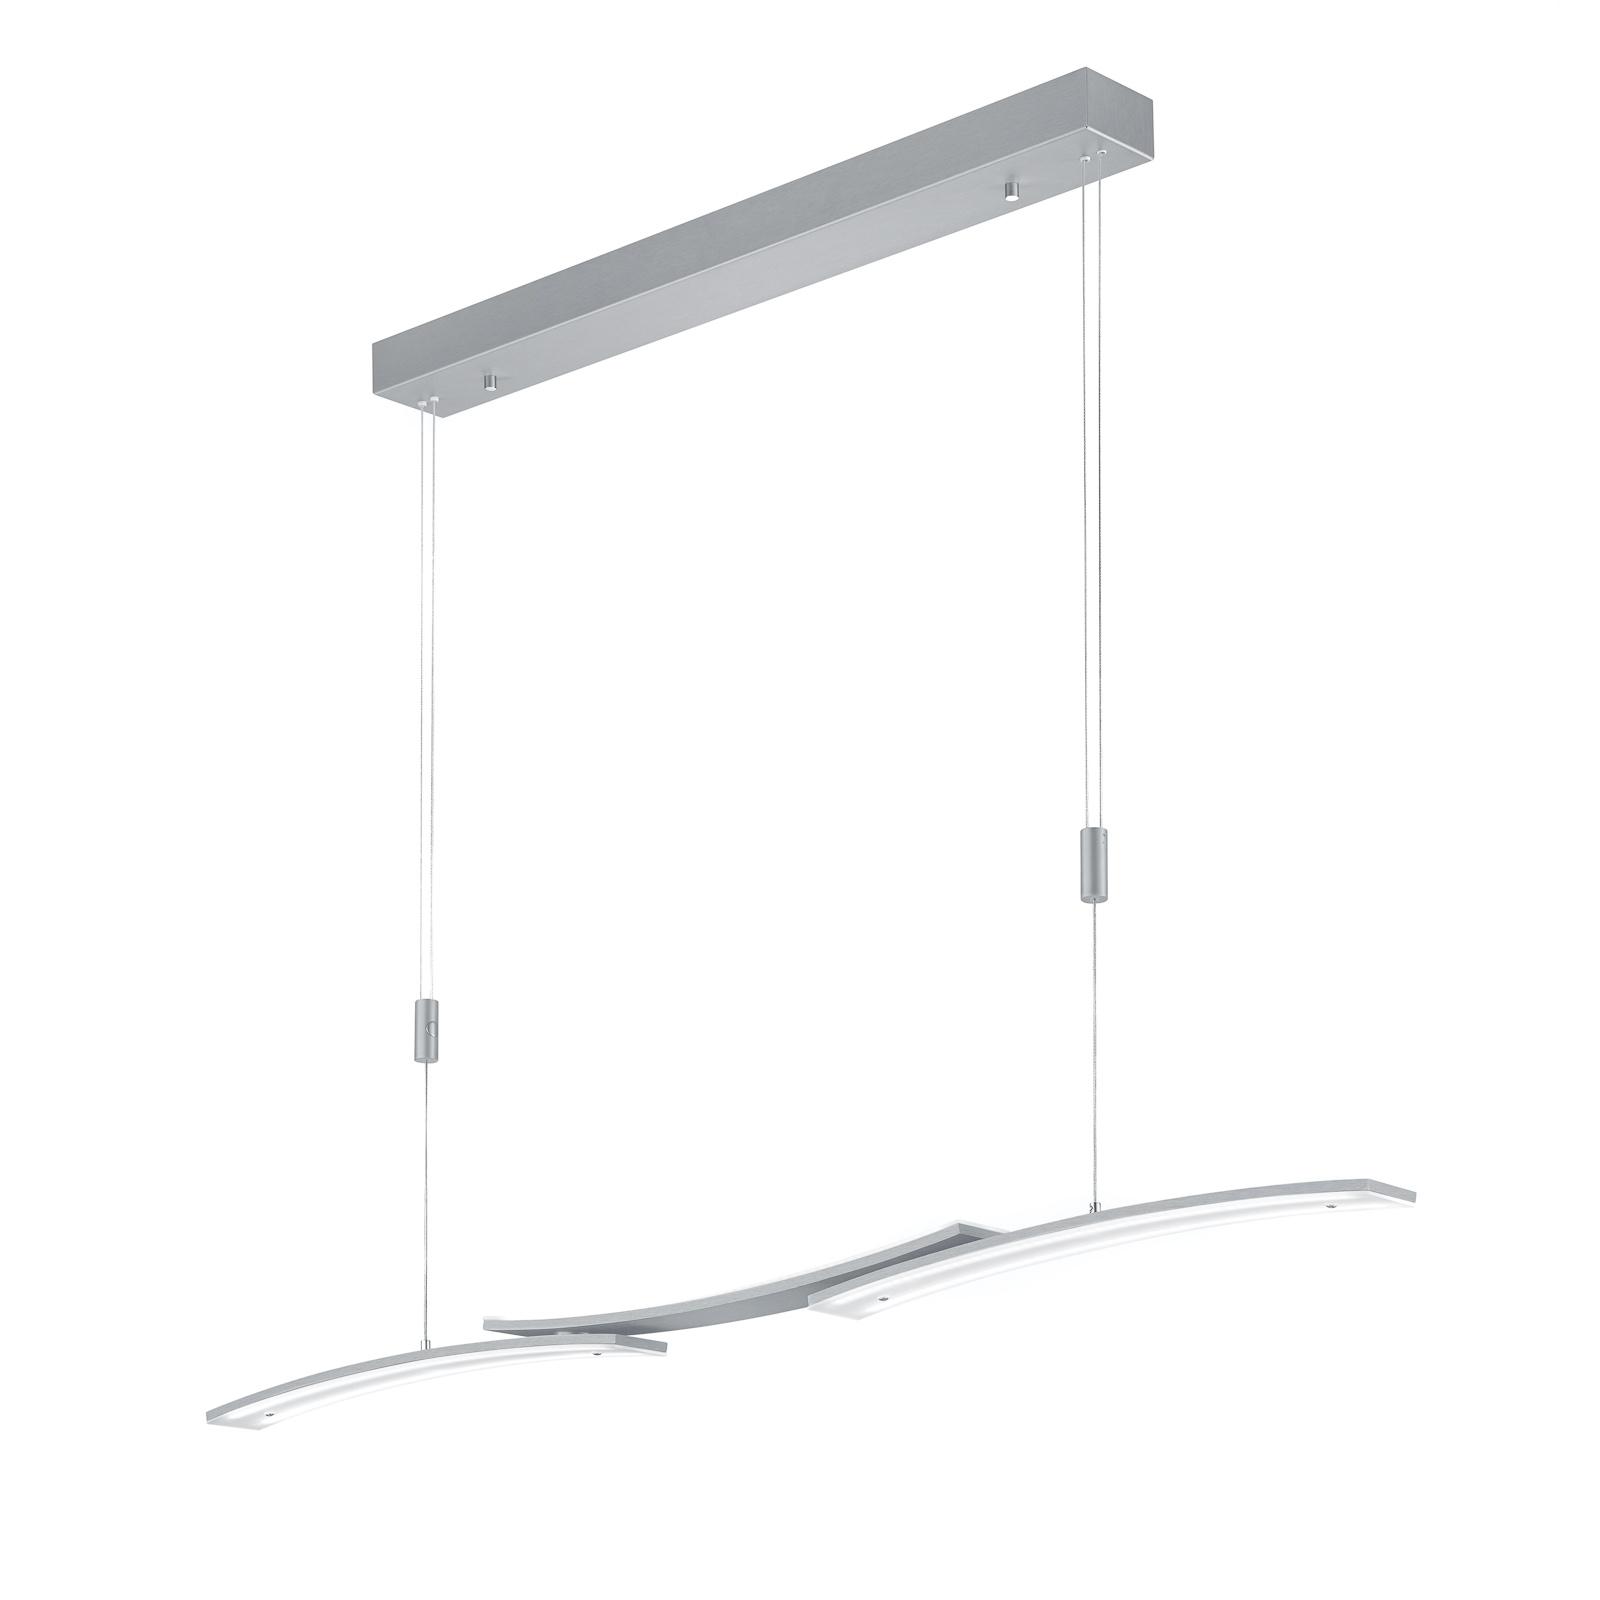 BANKAMP 2138/3-92 LED-Hängeleuchte, nickel matt